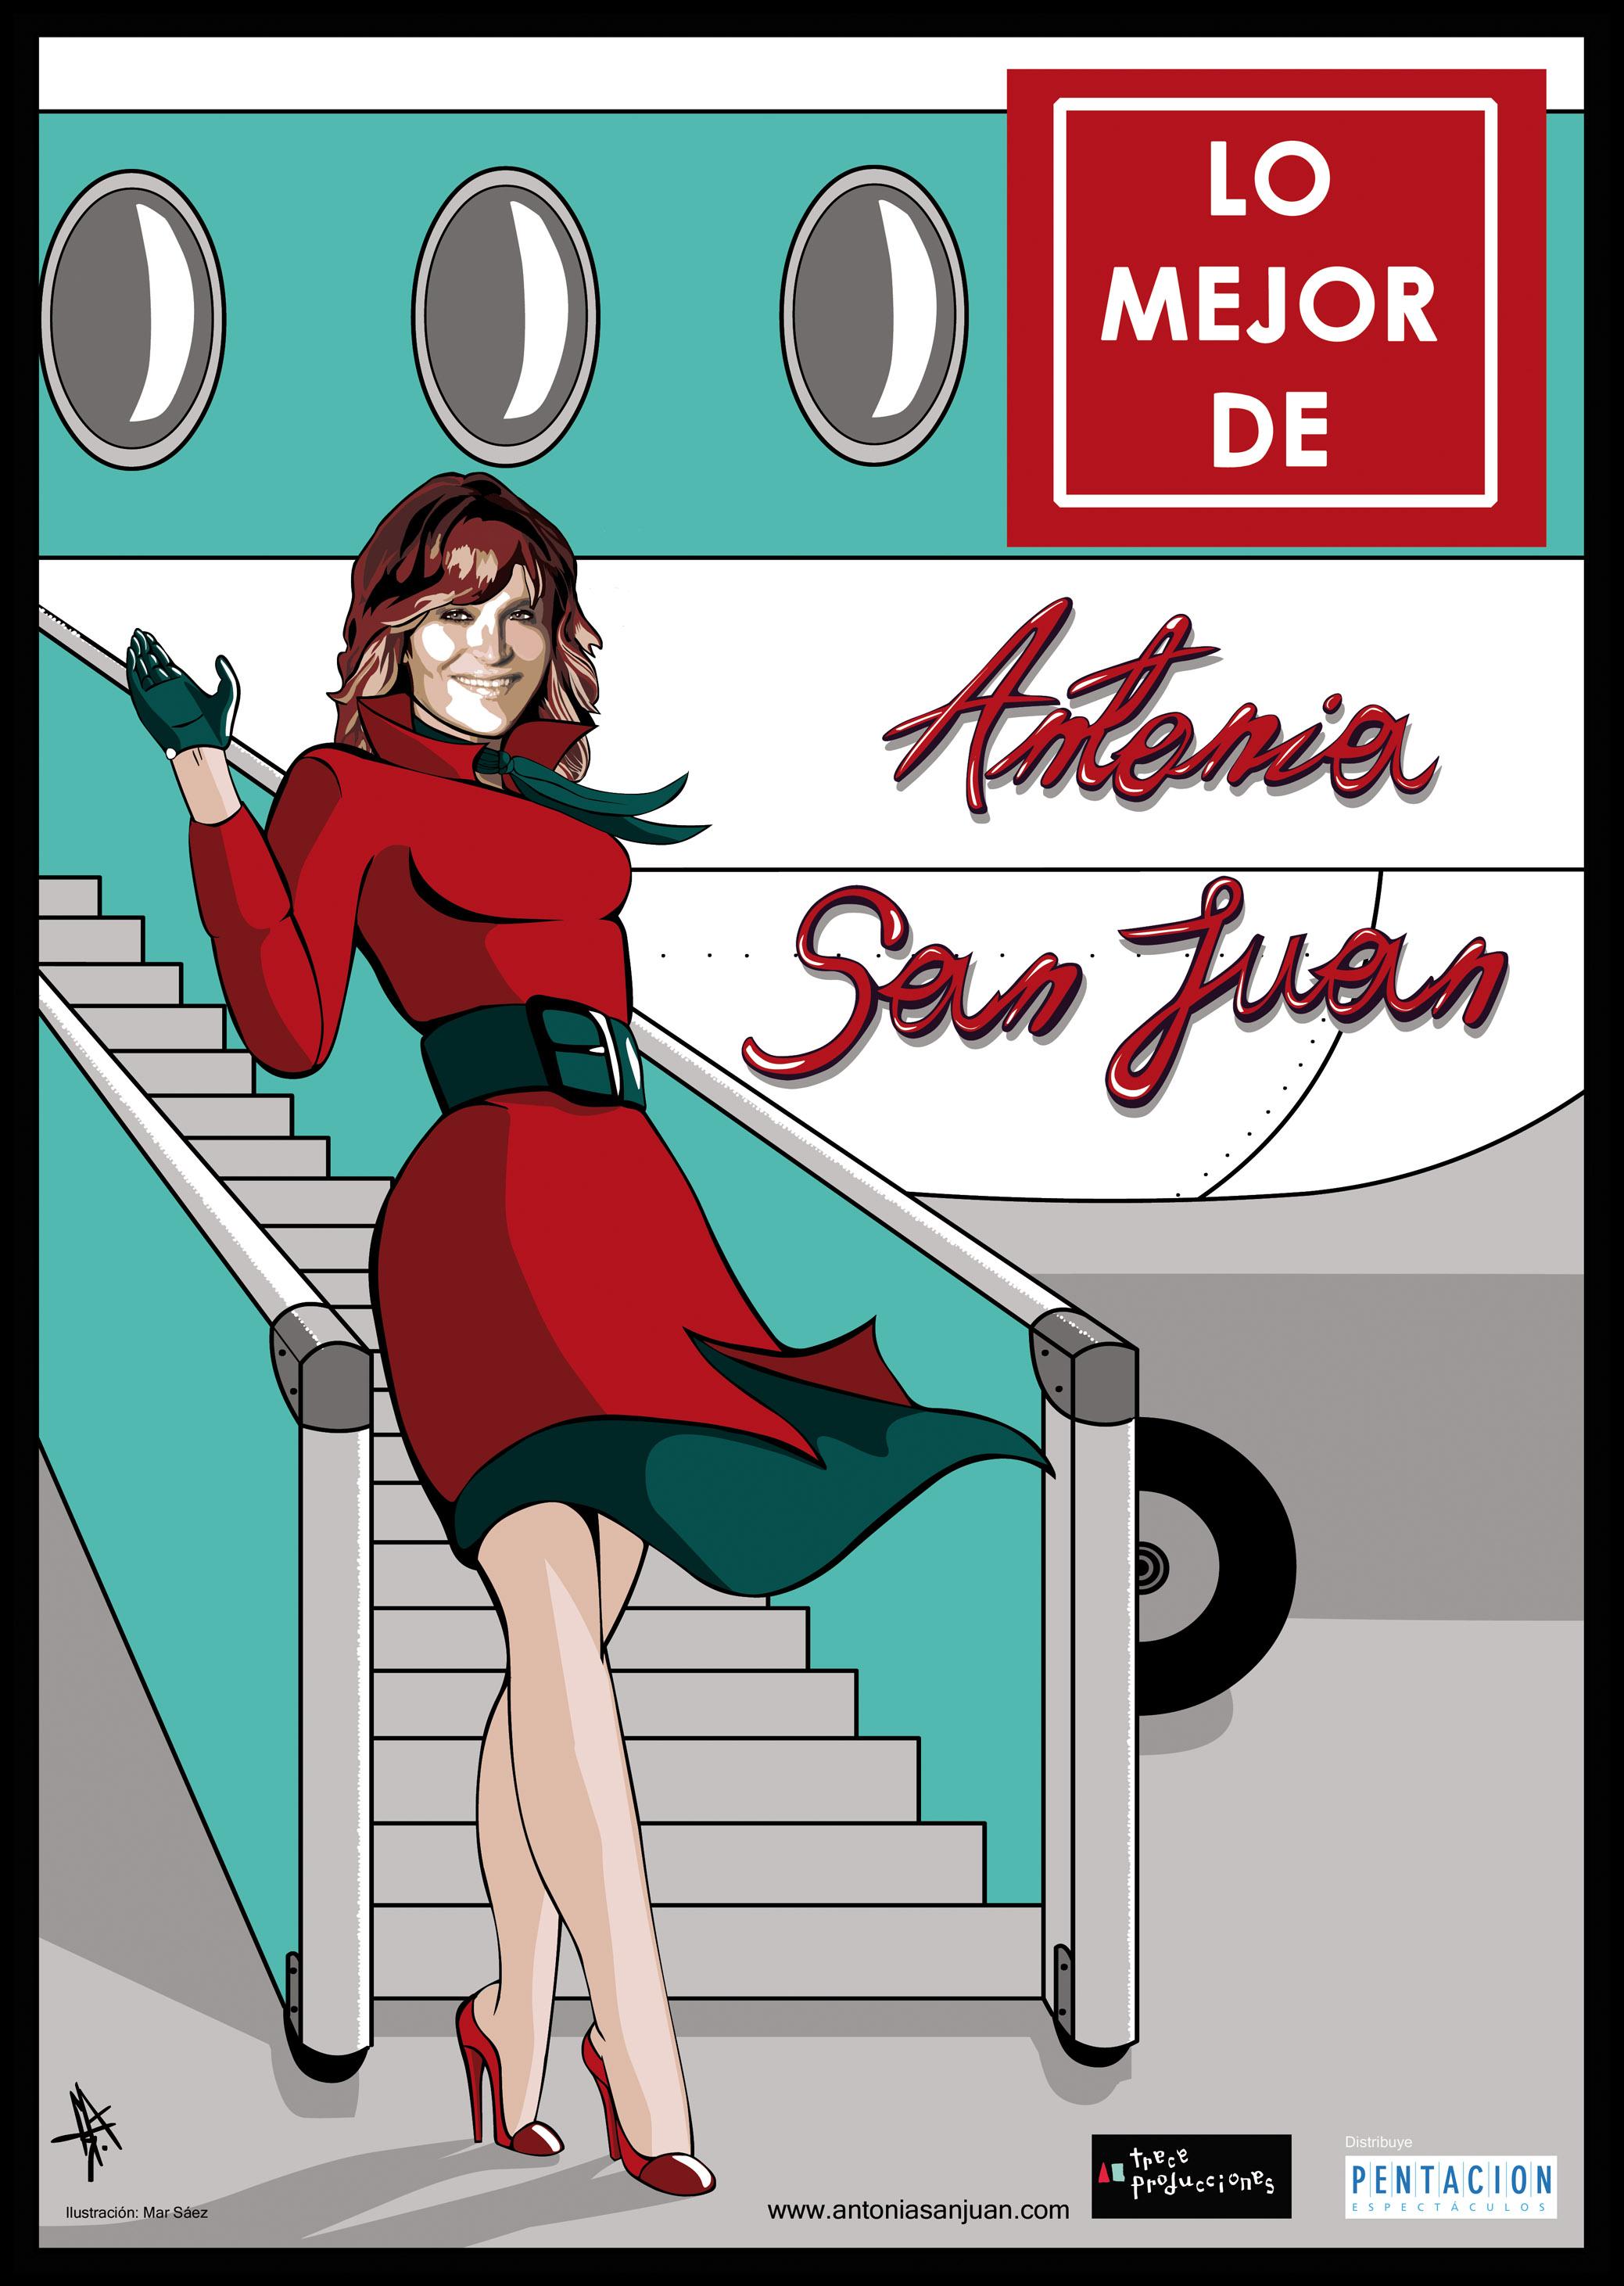 LO MEJOR DE ANTONIA SAN JUAN - ROJALES